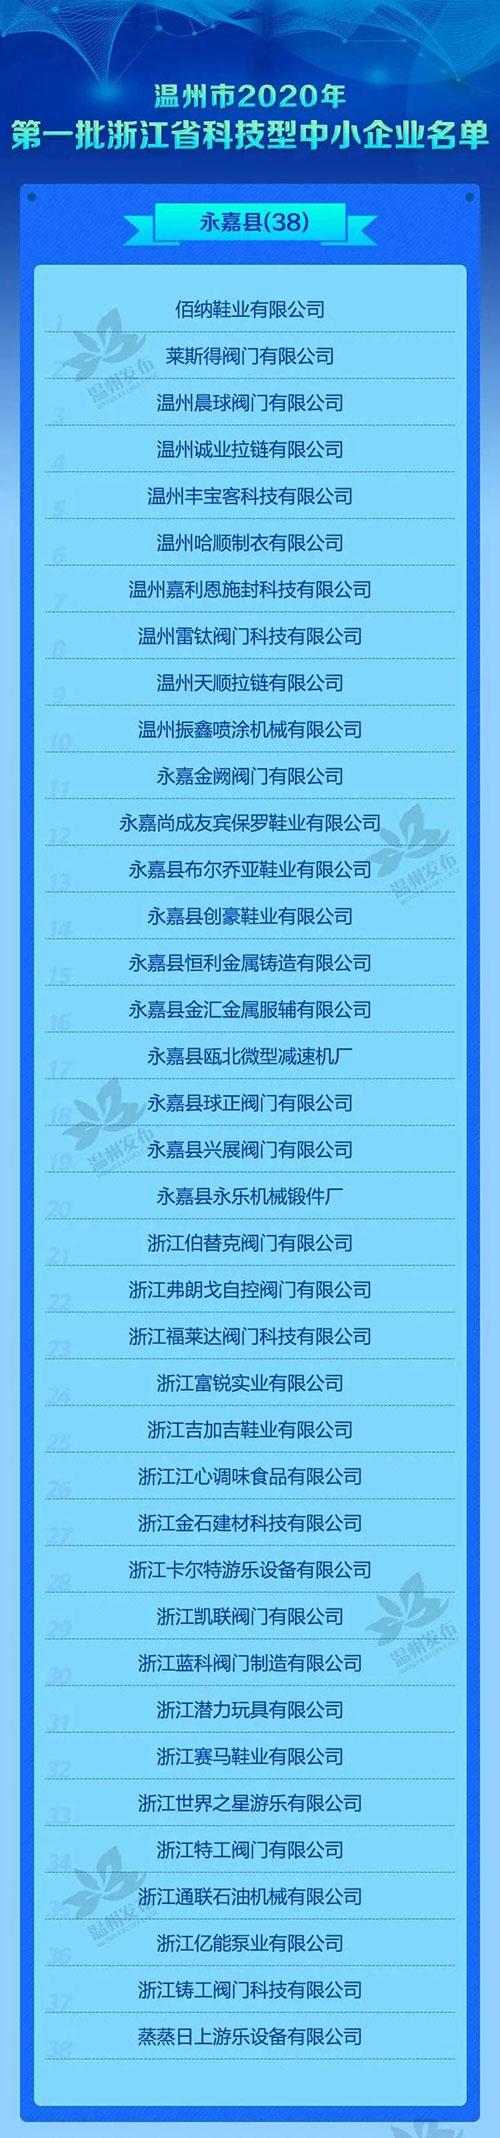 永嘉38家入选!2020年第一批浙江省科技型中小企业名单公布